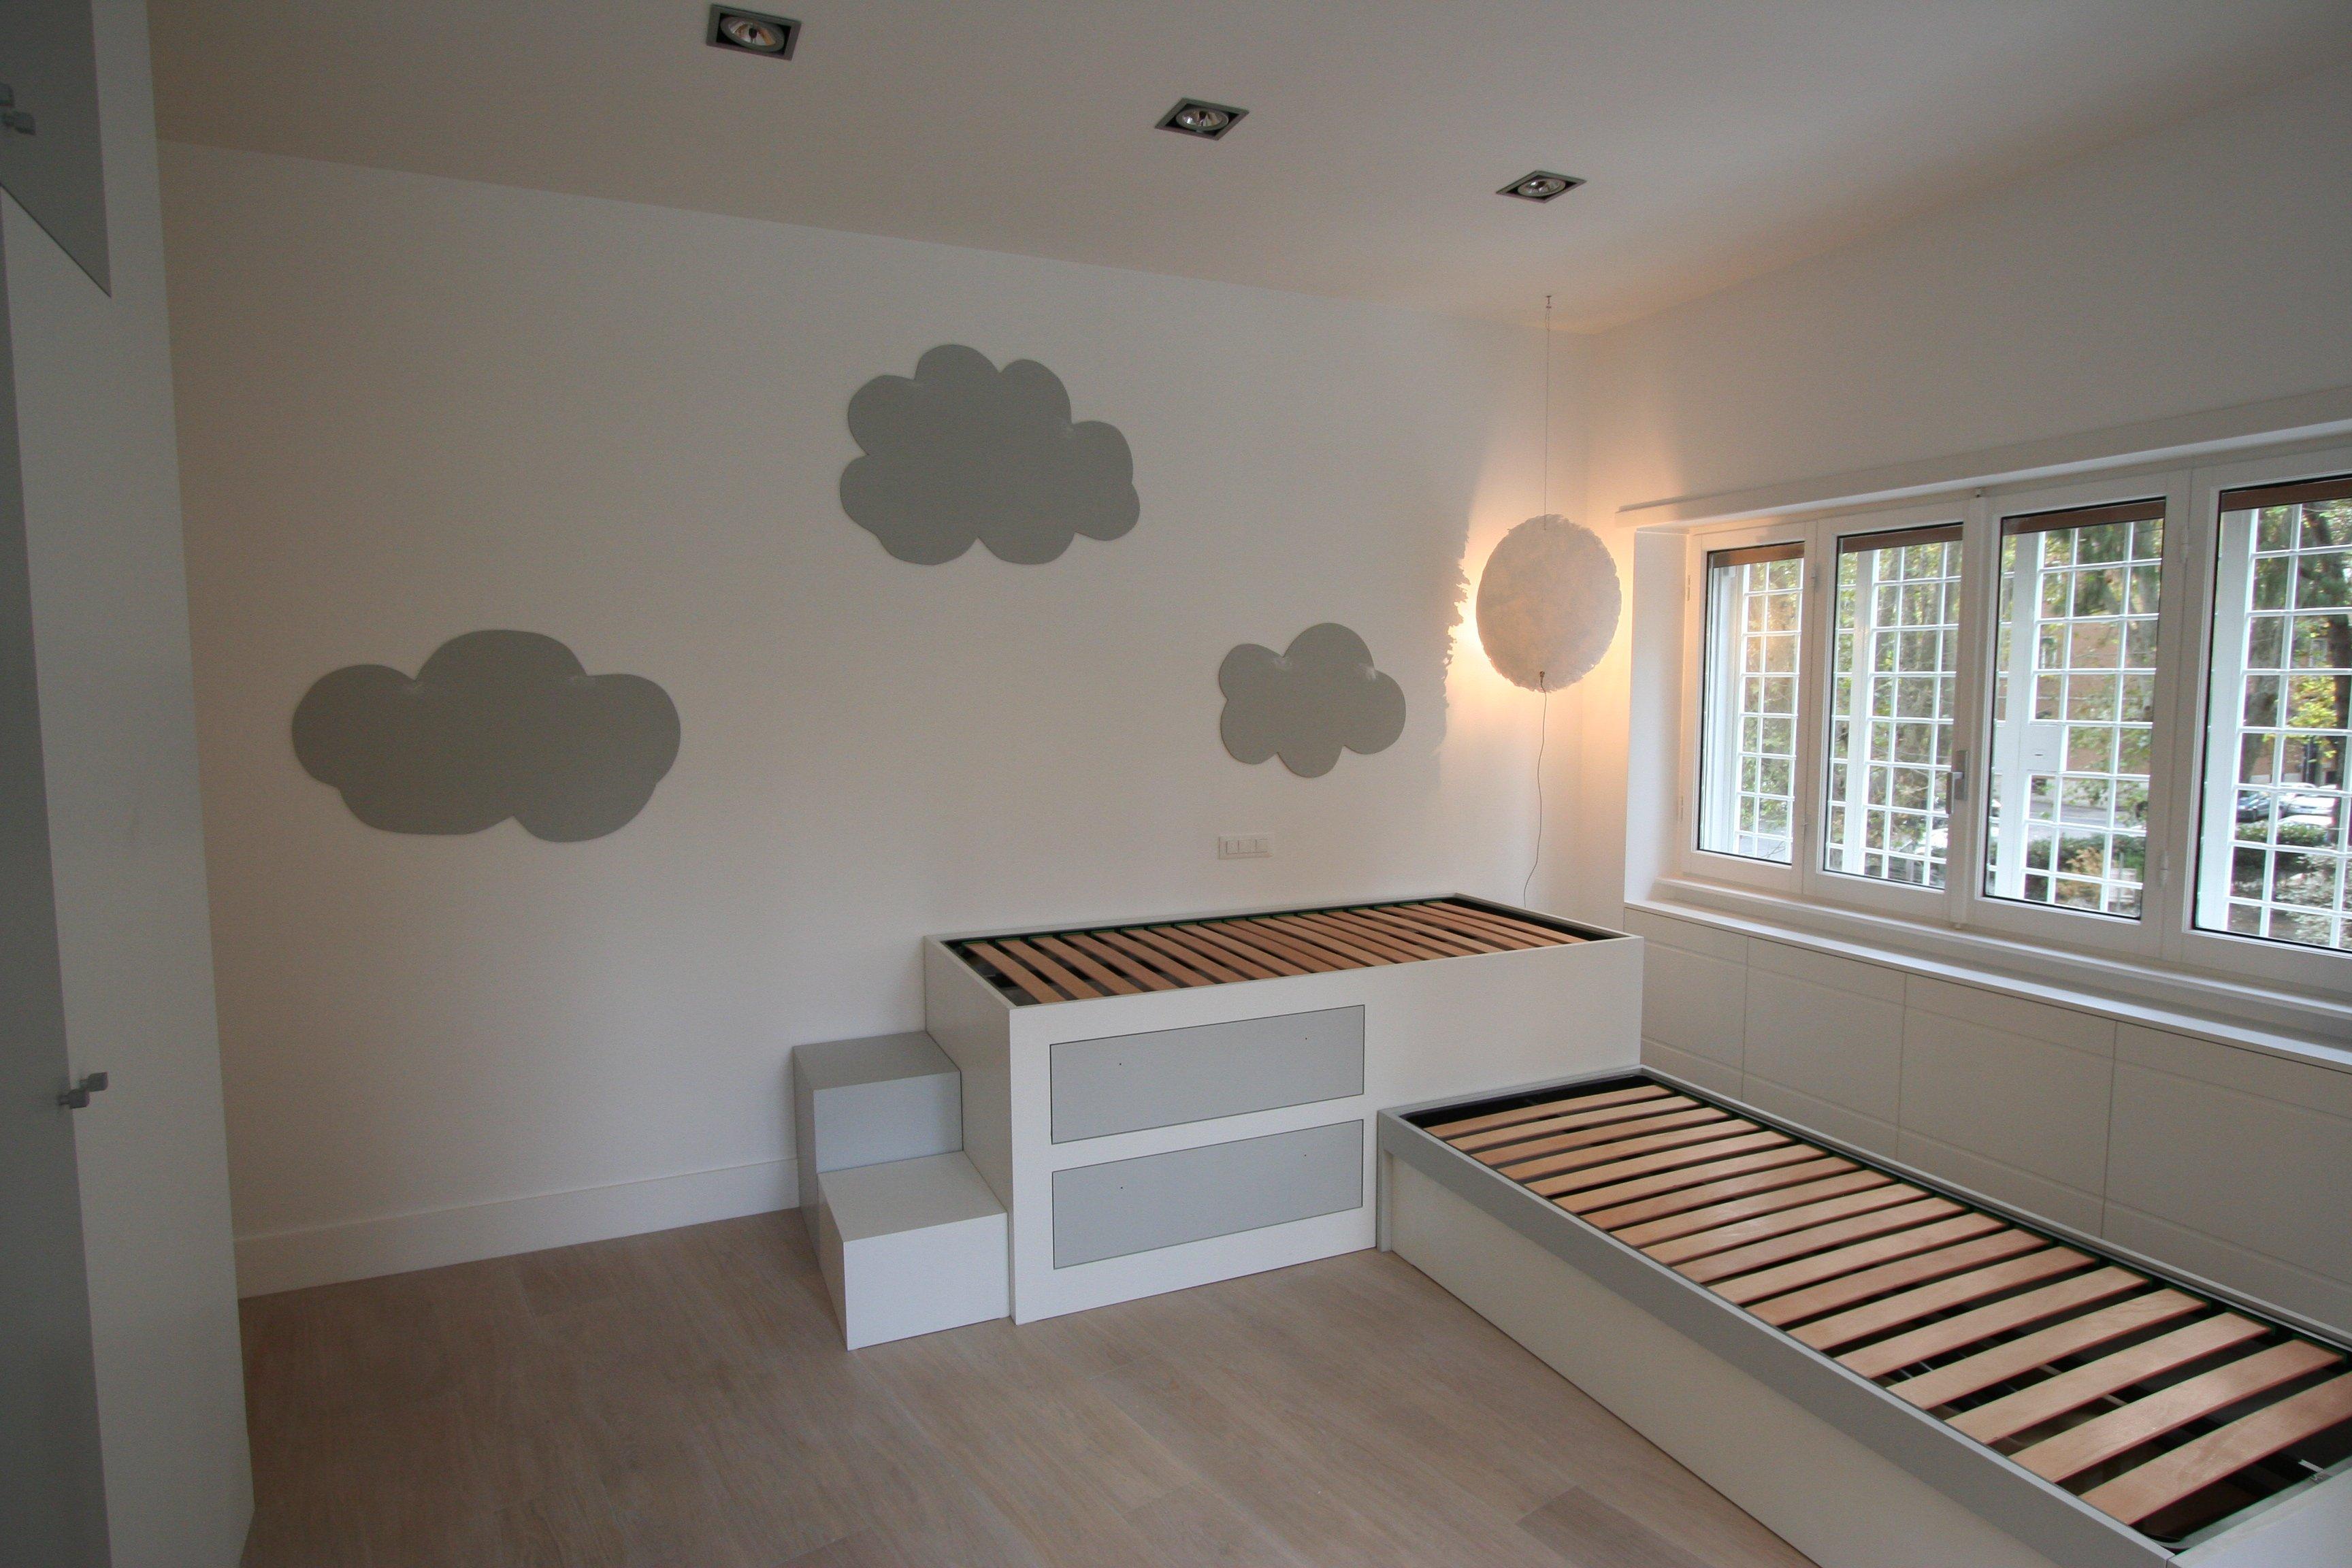 Image camera da letto bimbi foto 4 due letti - Muri colorati camera da letto ...